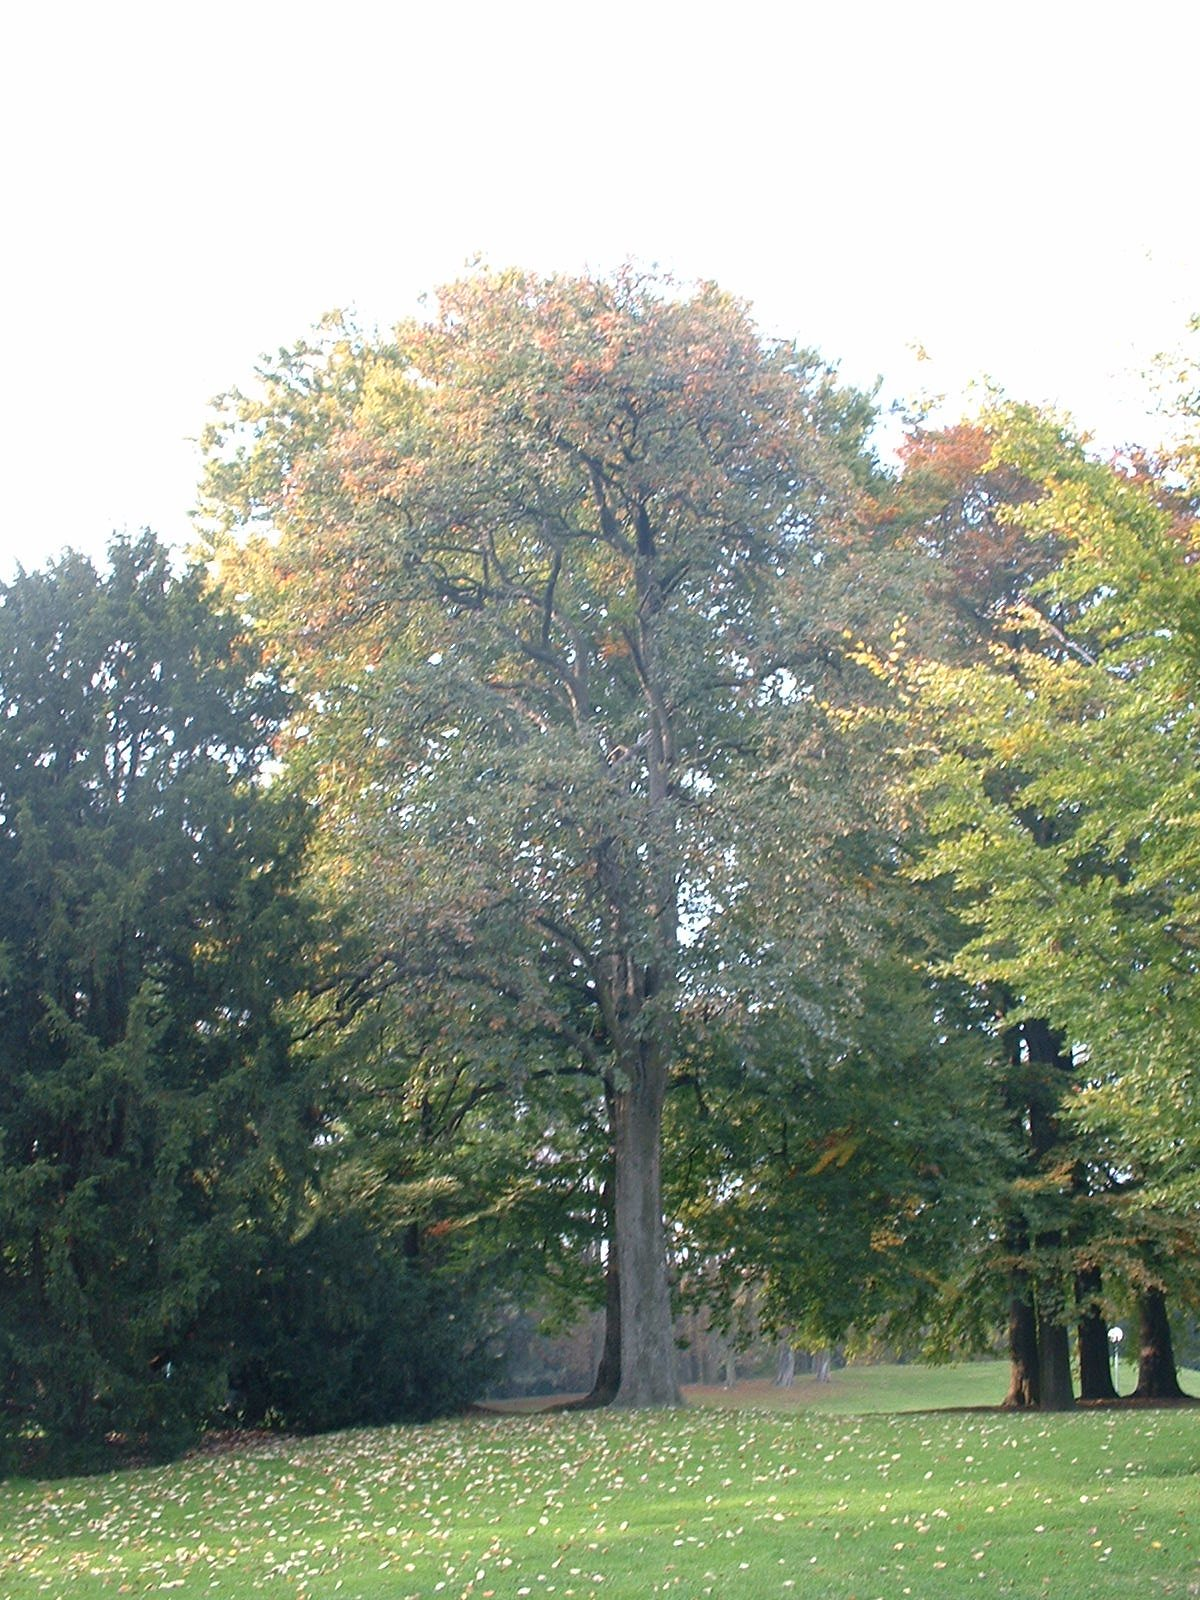 Zweedse Lijsterbes – Brussel, Openbaar park van Laeken, parc –  22 Oktober 2003